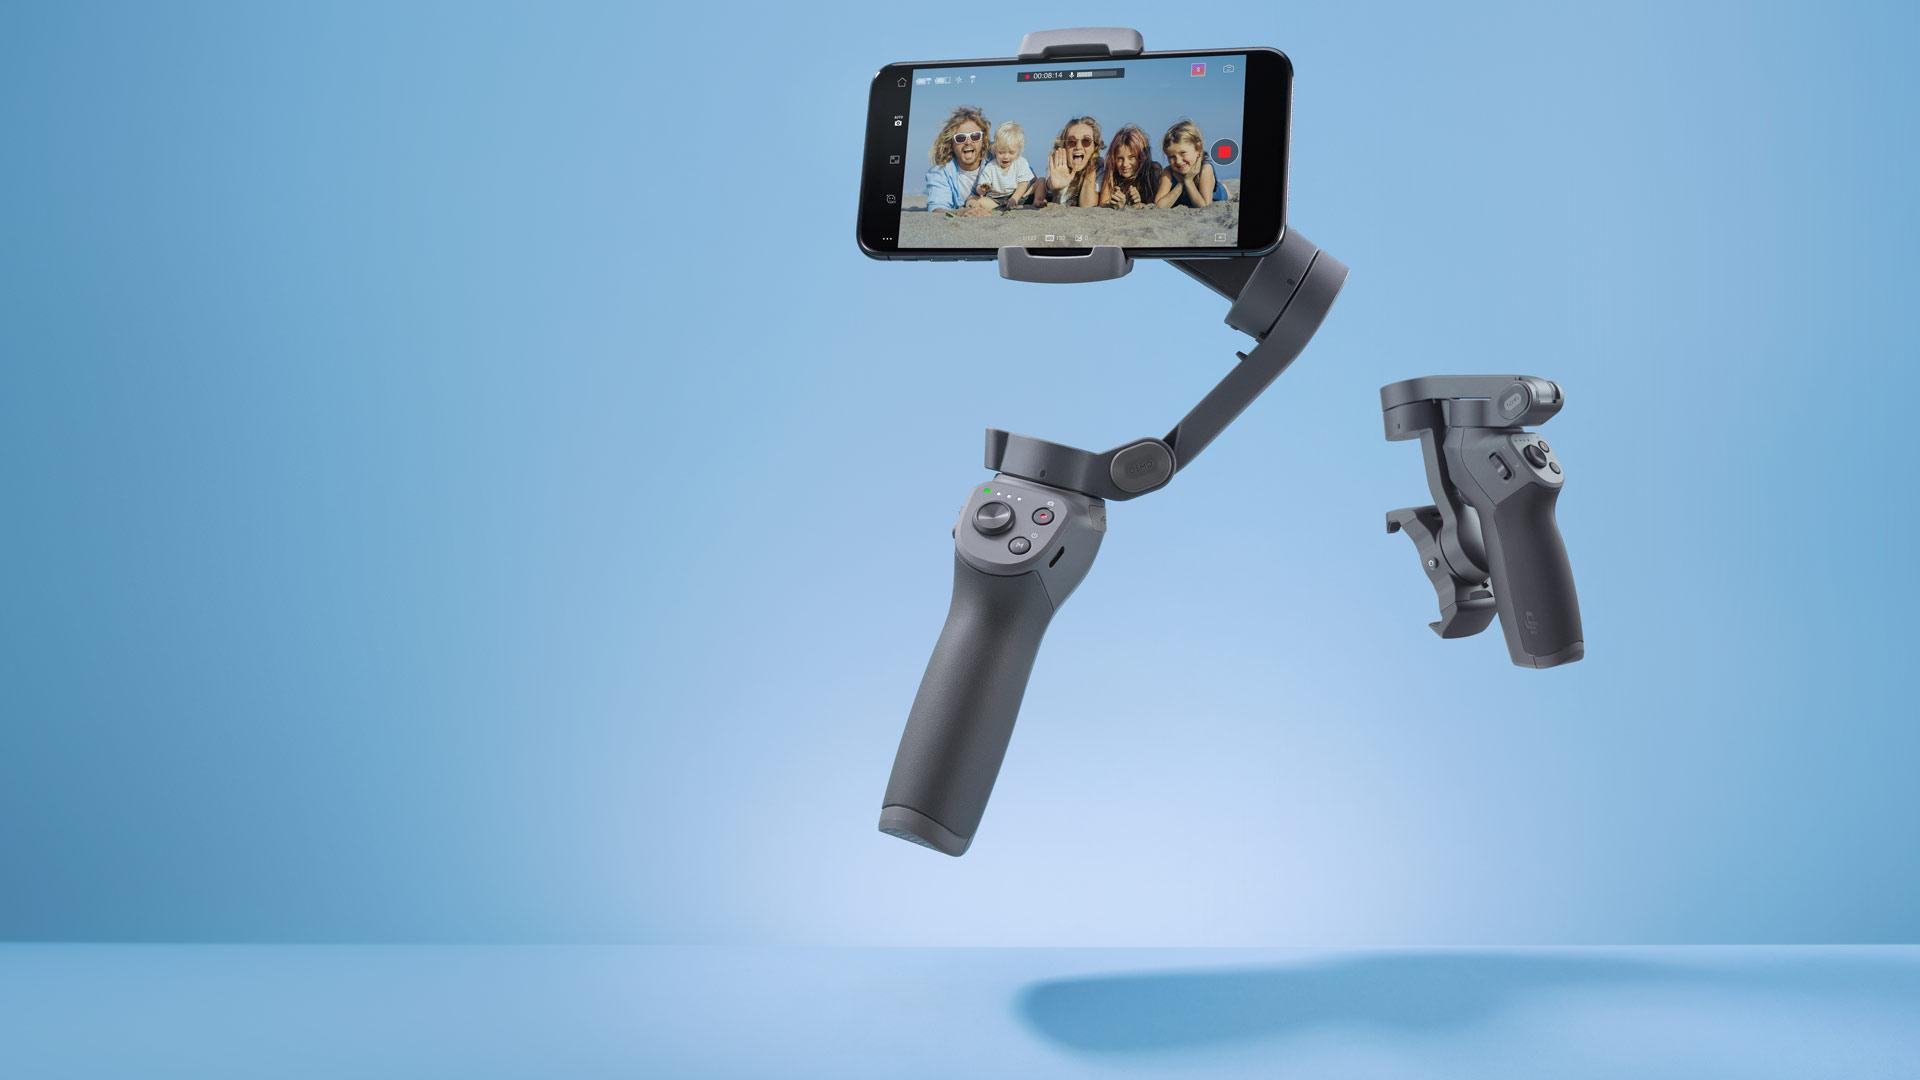 [1万円台]動画撮影はスマホ!Osmo Mobile 3 を使えば映像が滑らかに